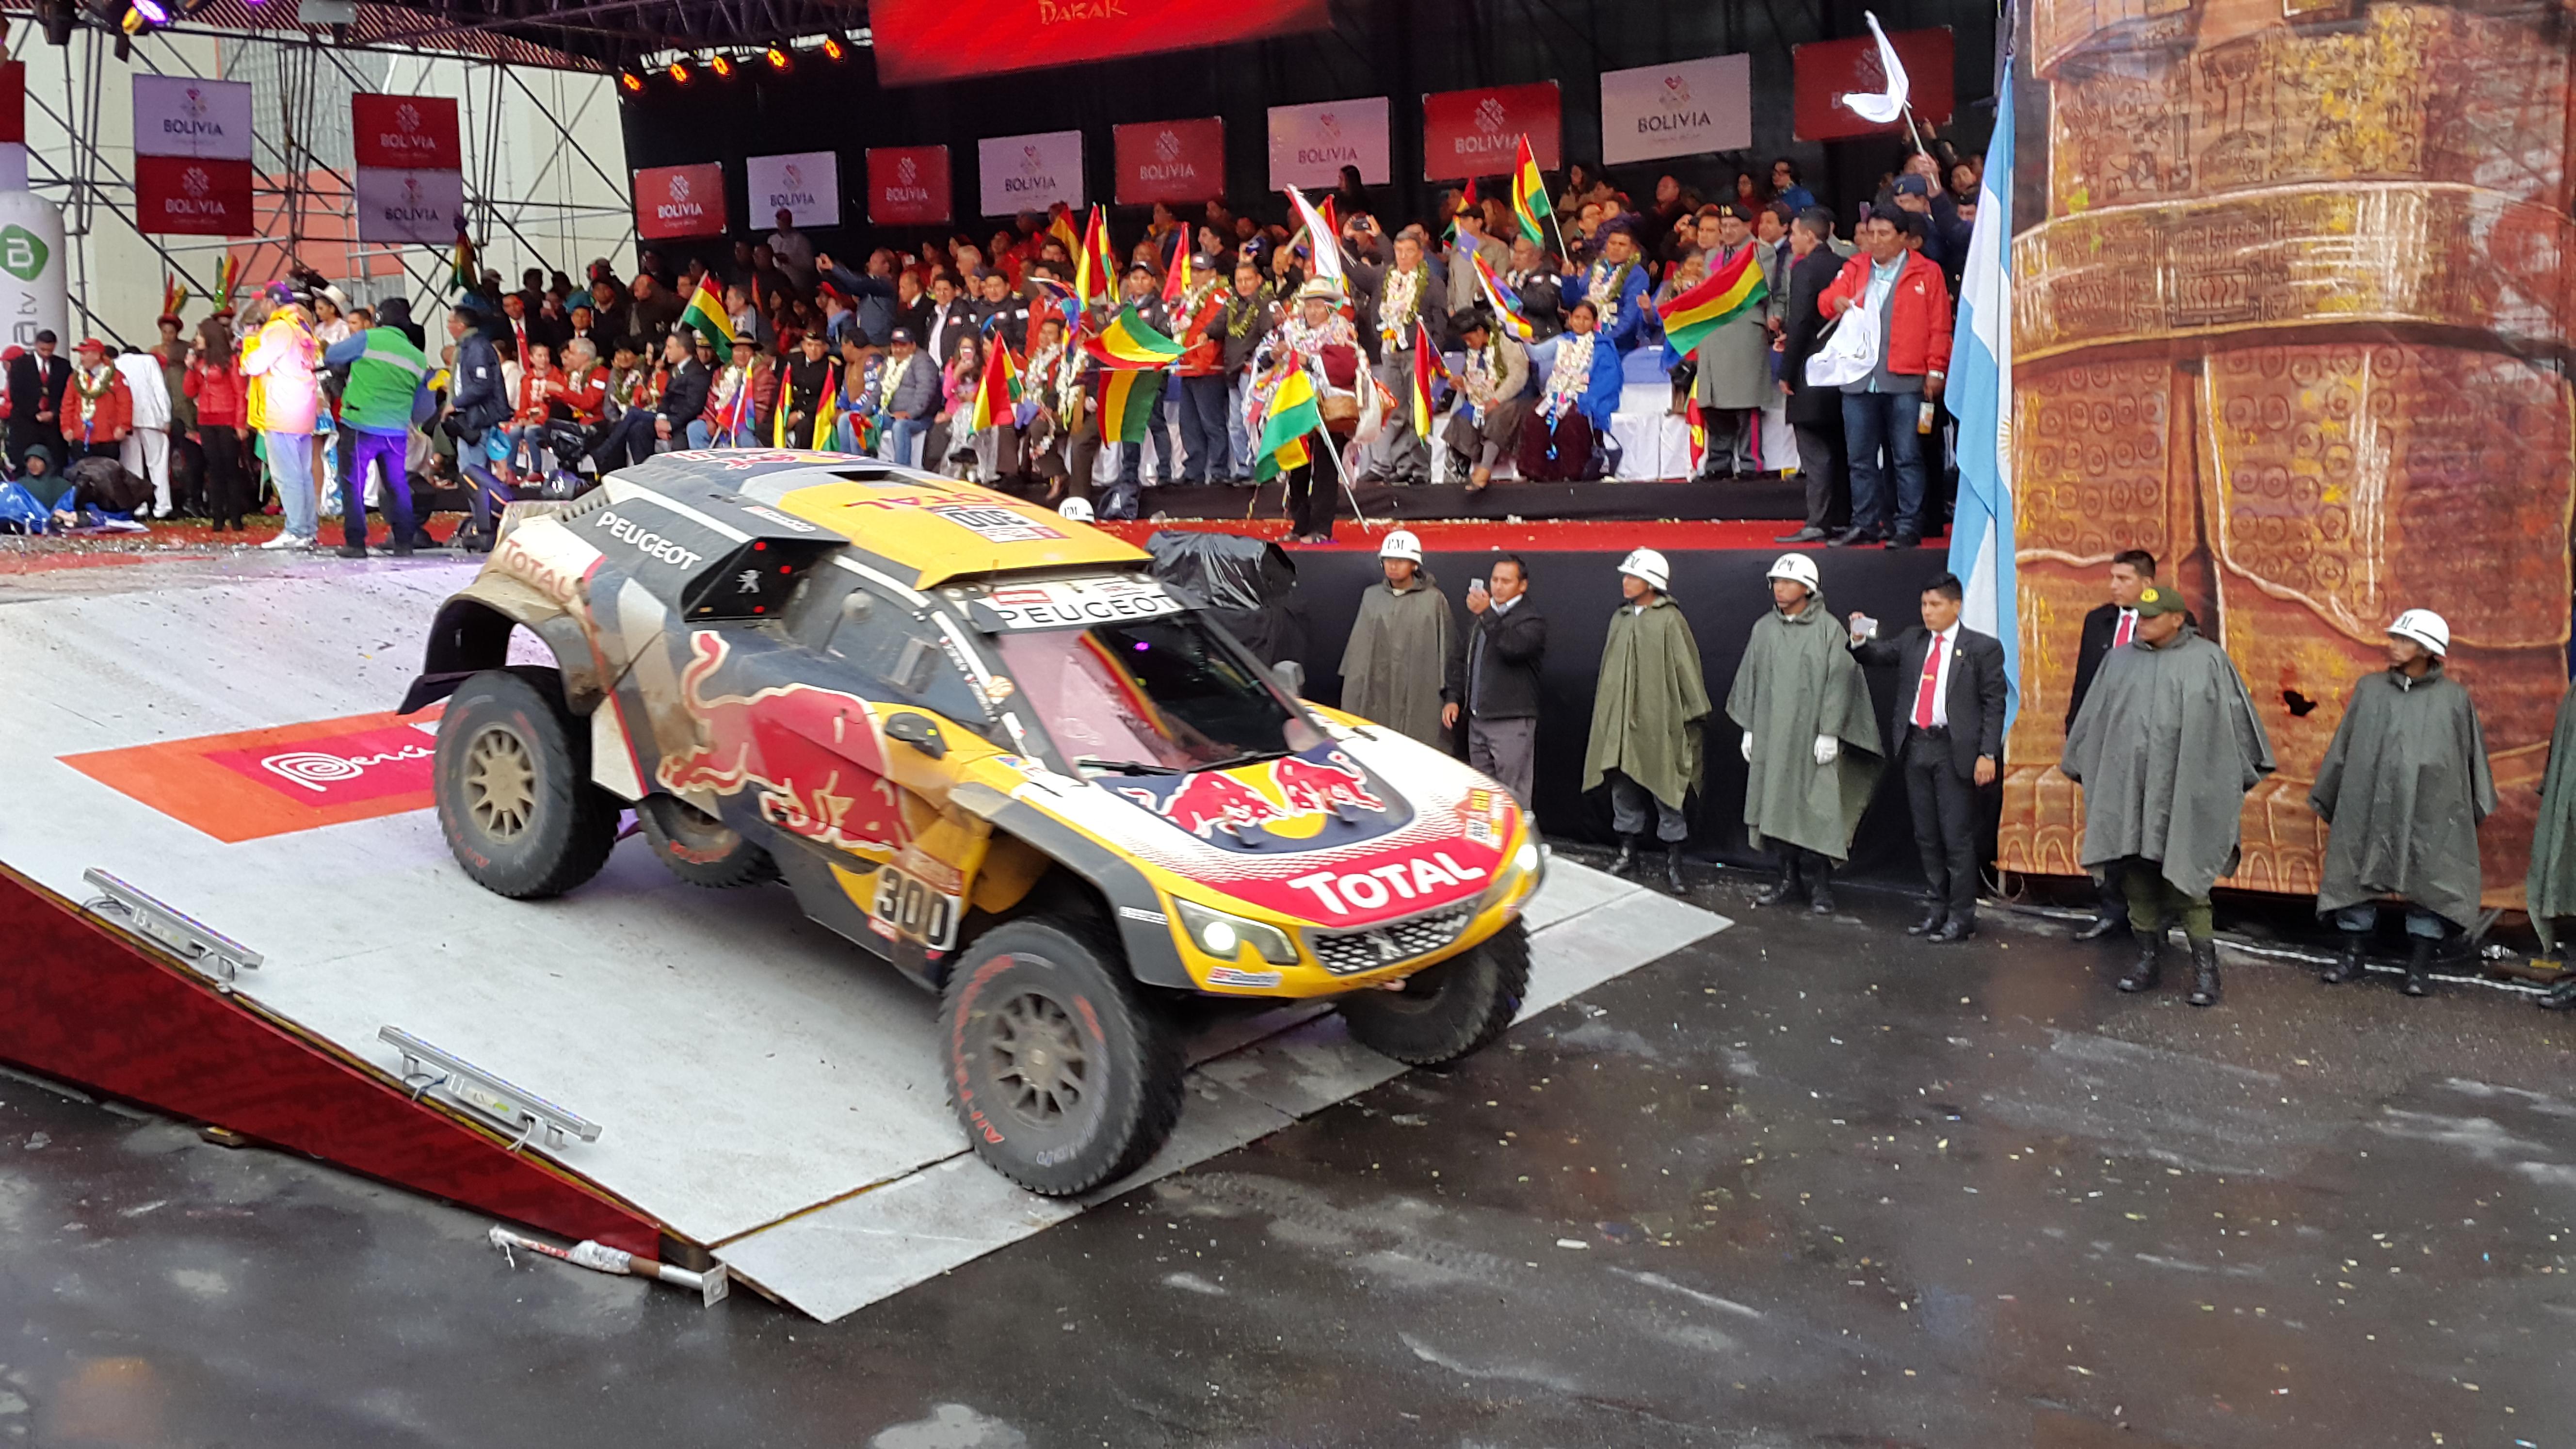 La rampa del estadio Hernando Siles vibró con el Rally Dakar